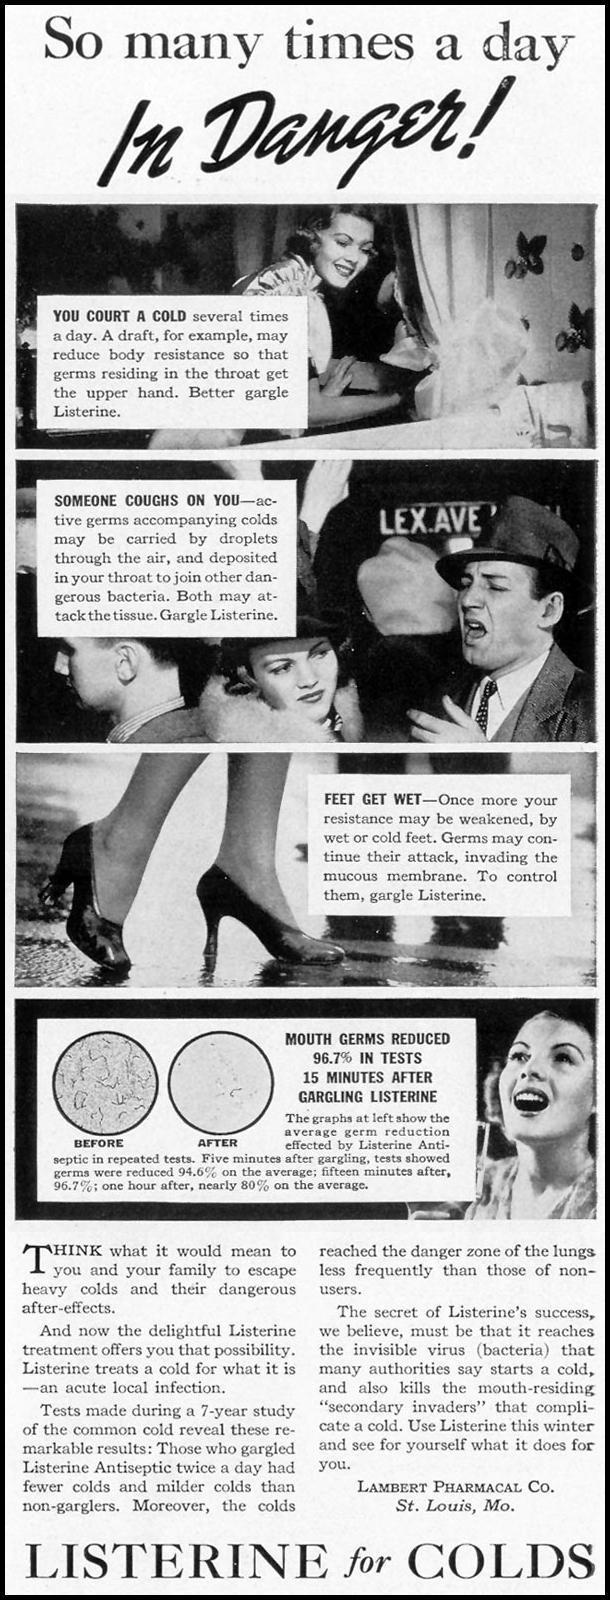 LISTERINE ANTISEPTIC LIFE 12/27/1937 p. 3